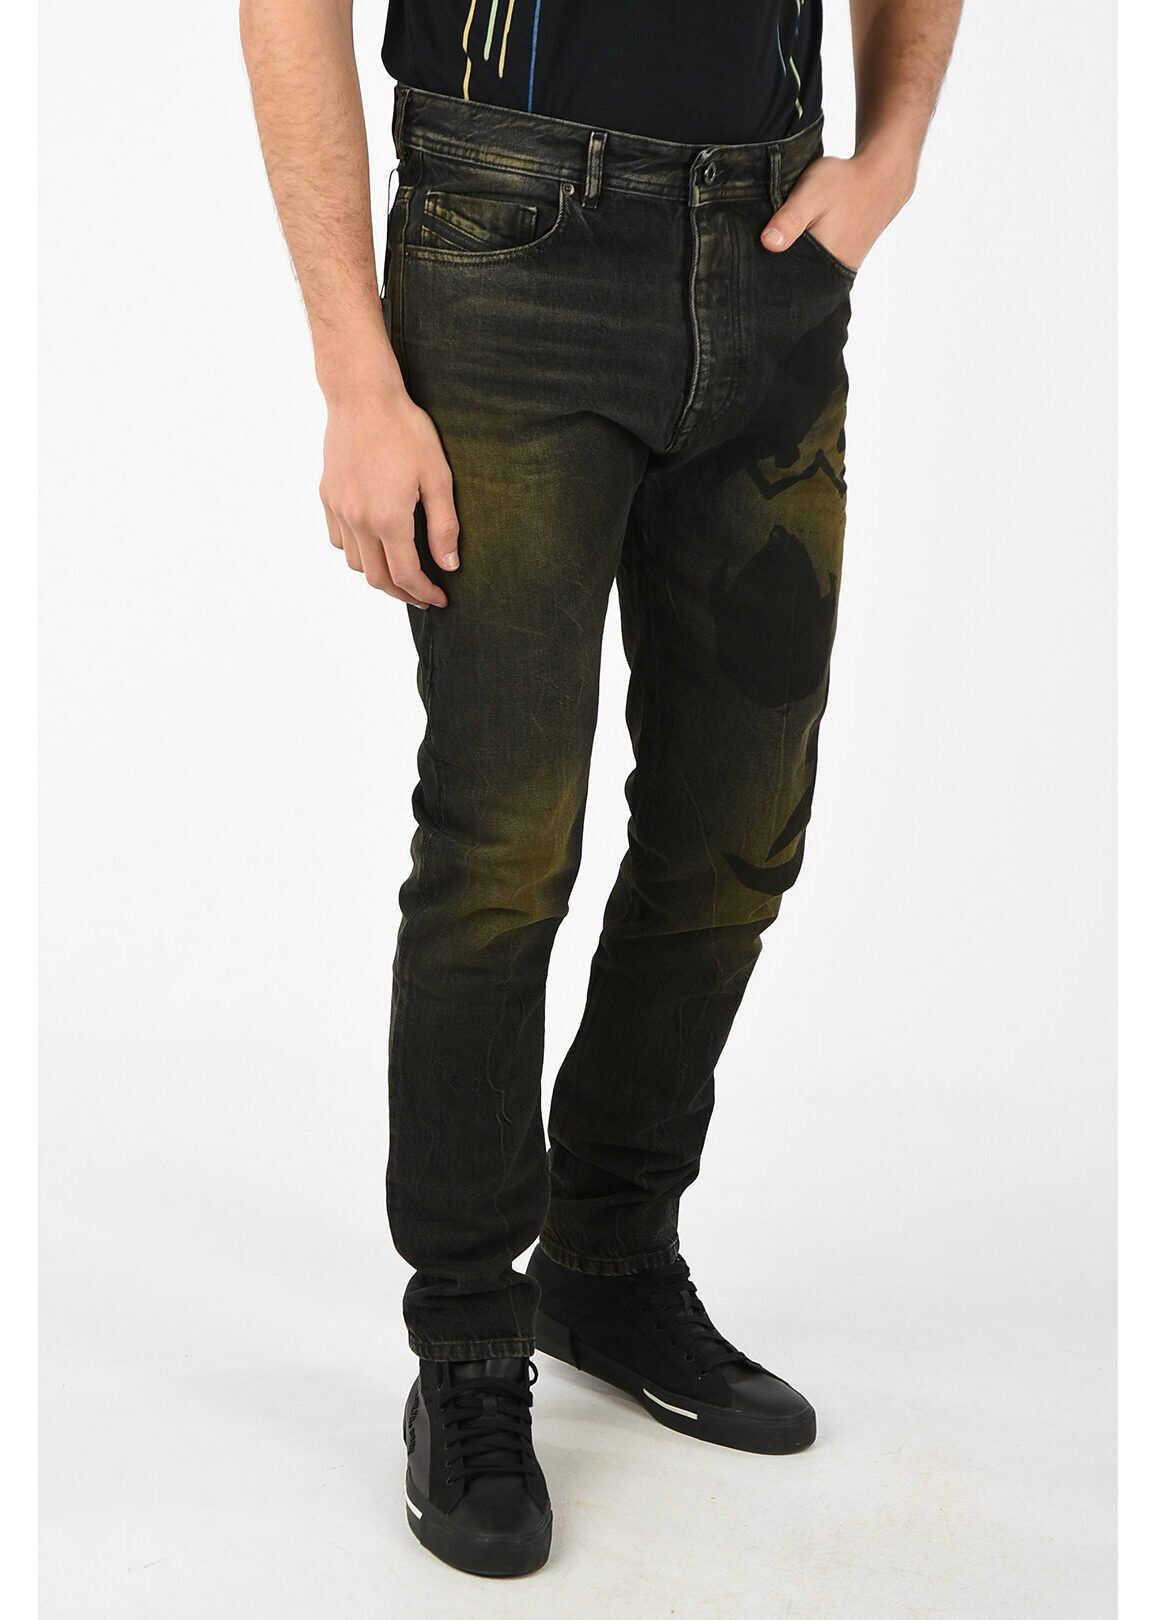 Diesel BLACK GOLD 17cm Printed TYPE-2880 Jeans MULTICOLOR